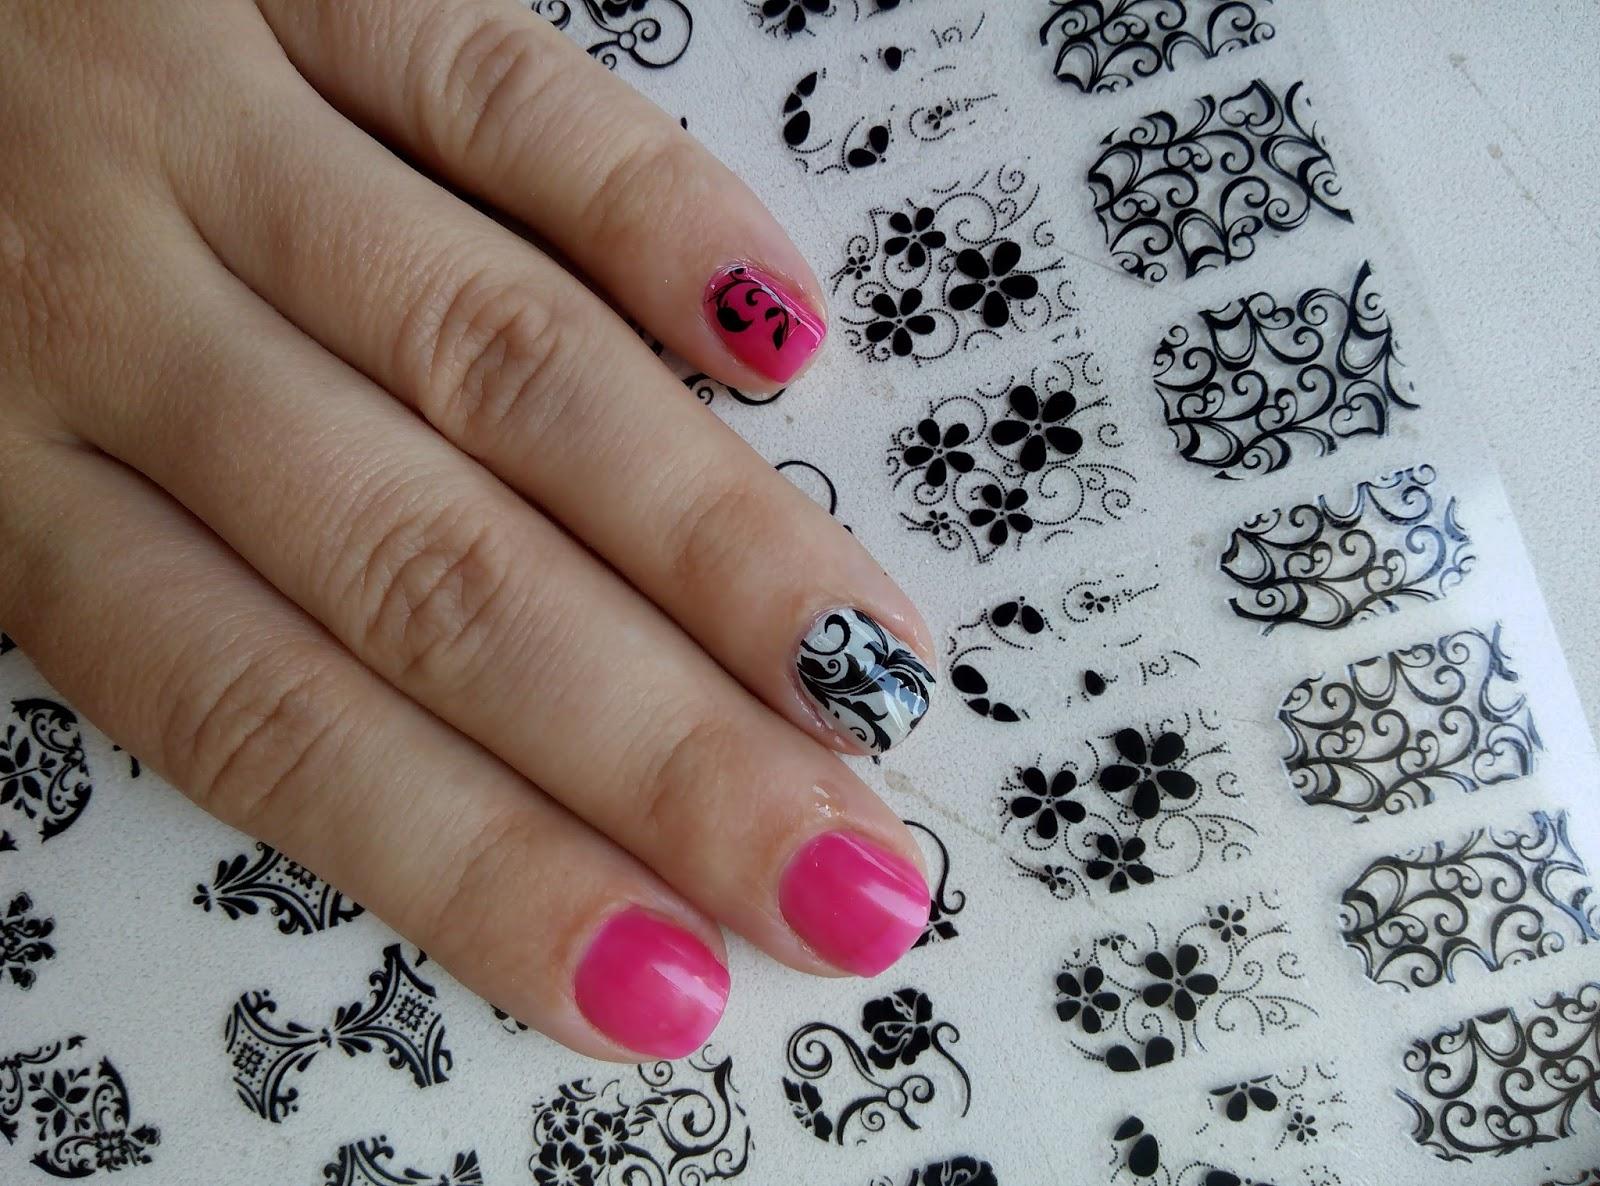 фото квадратных ногтей с наклейками из алиэкспресс игнатенко